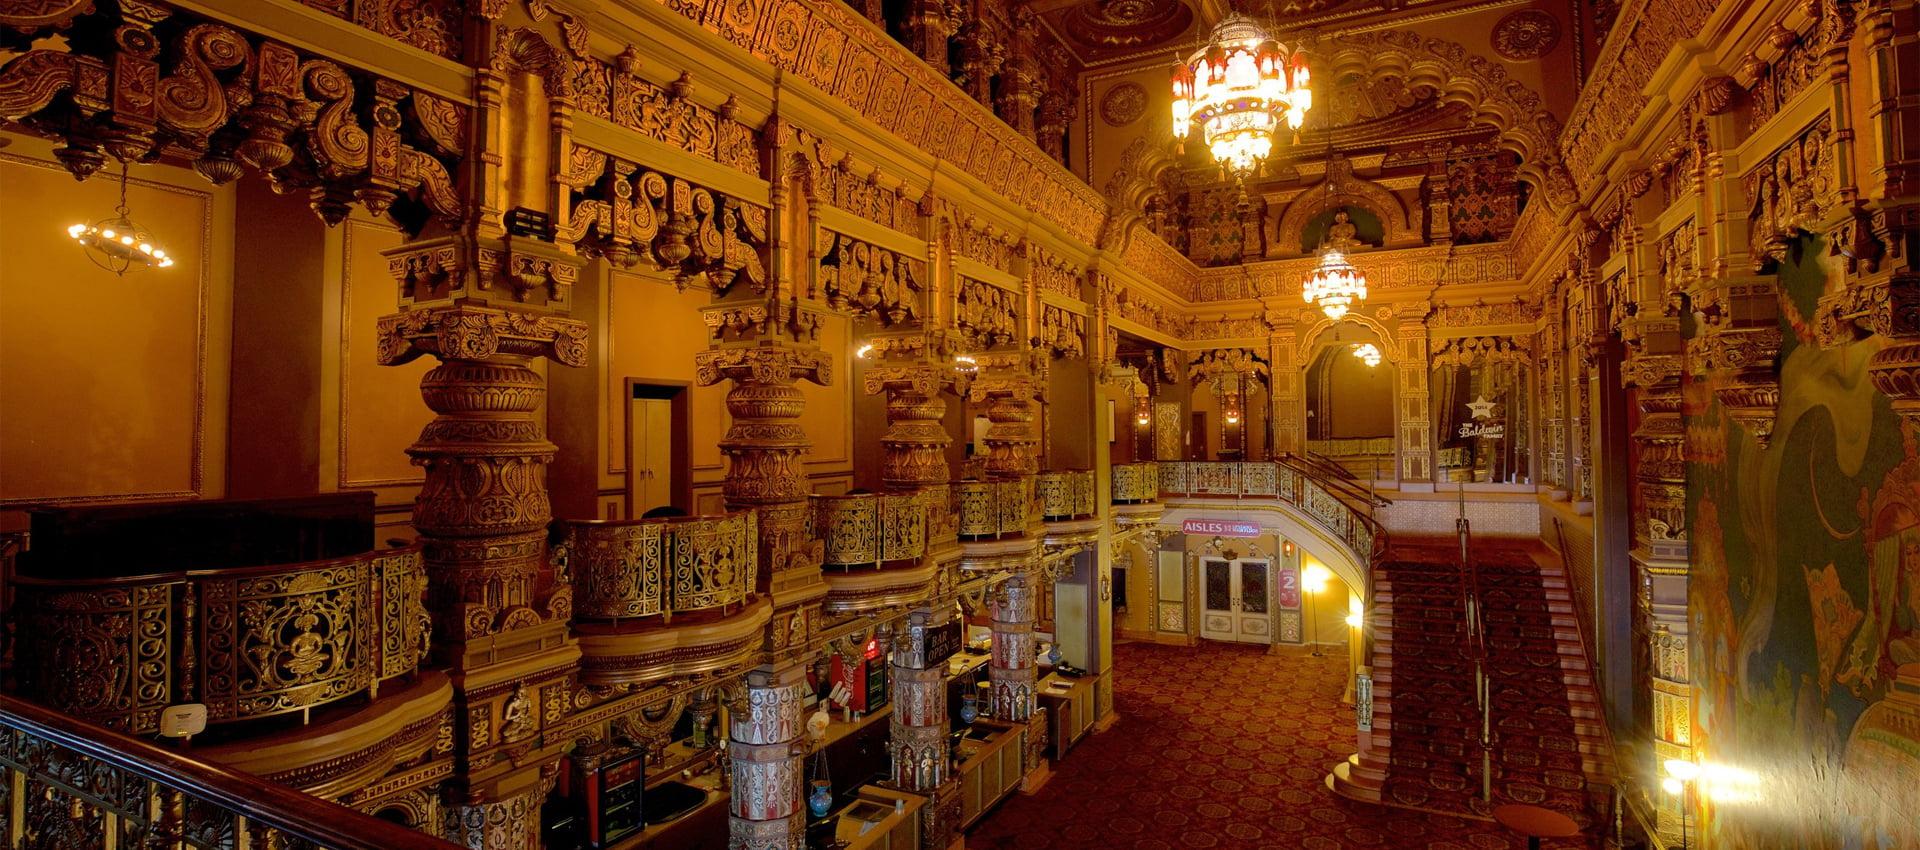 The Landmark Theatre lobby. | Photo Courtesy of Expedia